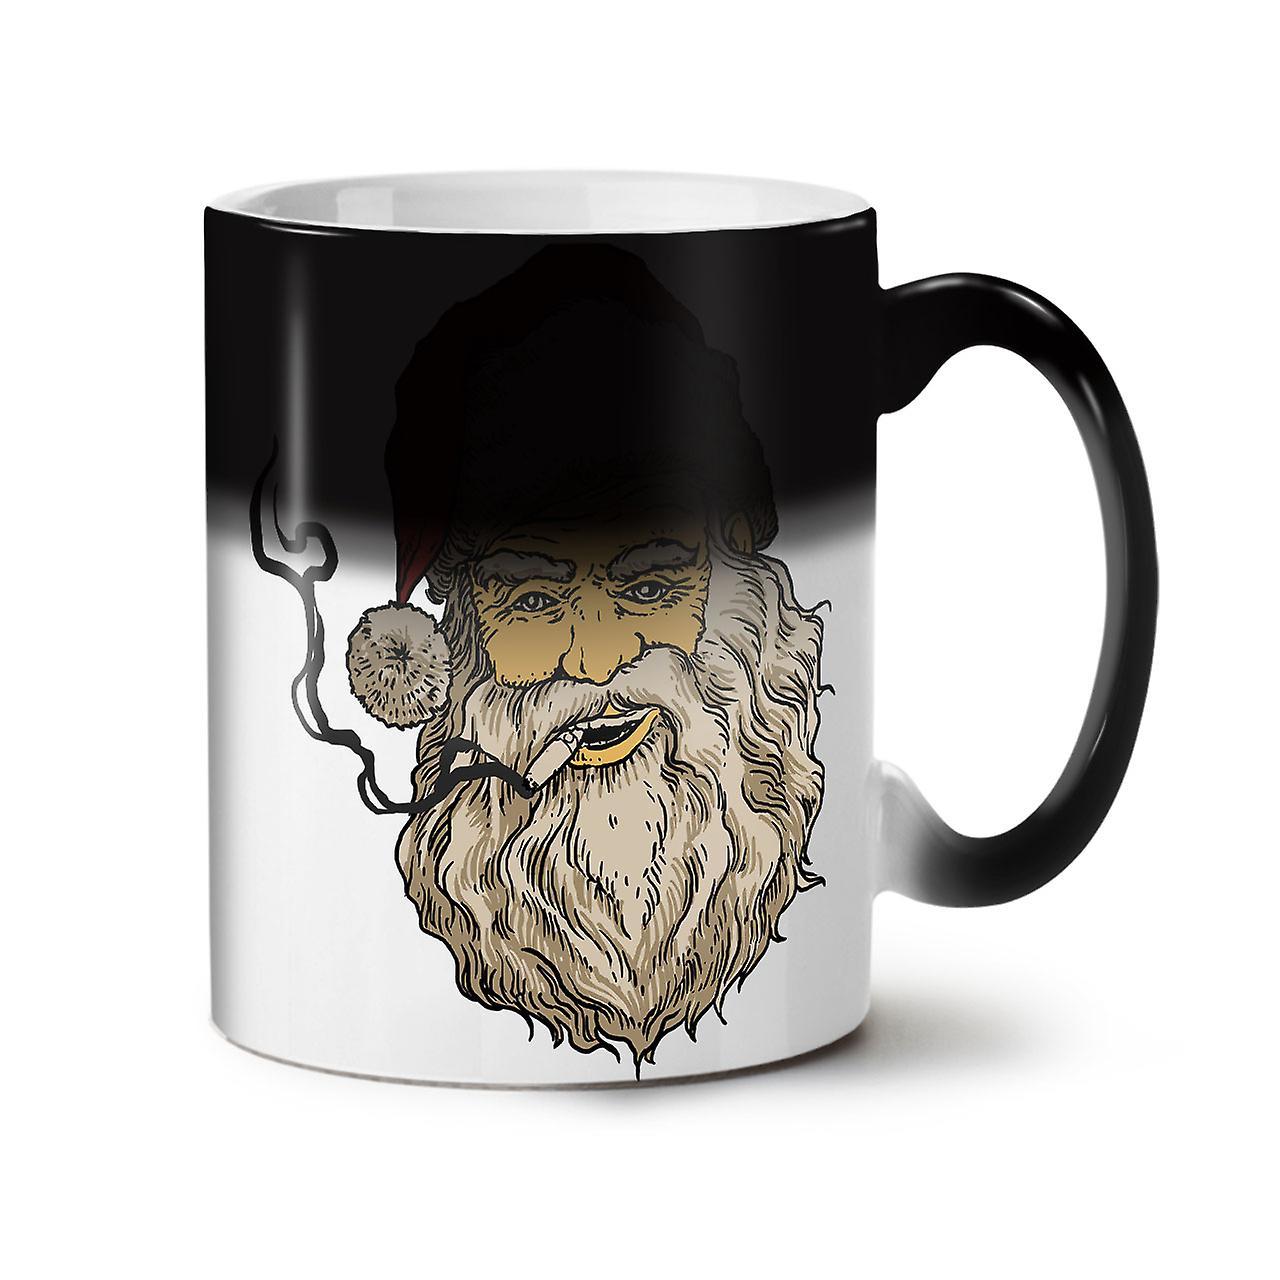 Joint Rauchen Santa neue schwarze Farbe wechselnden Tee Kaffee Keramik Becher 11 oz | Wellcoda